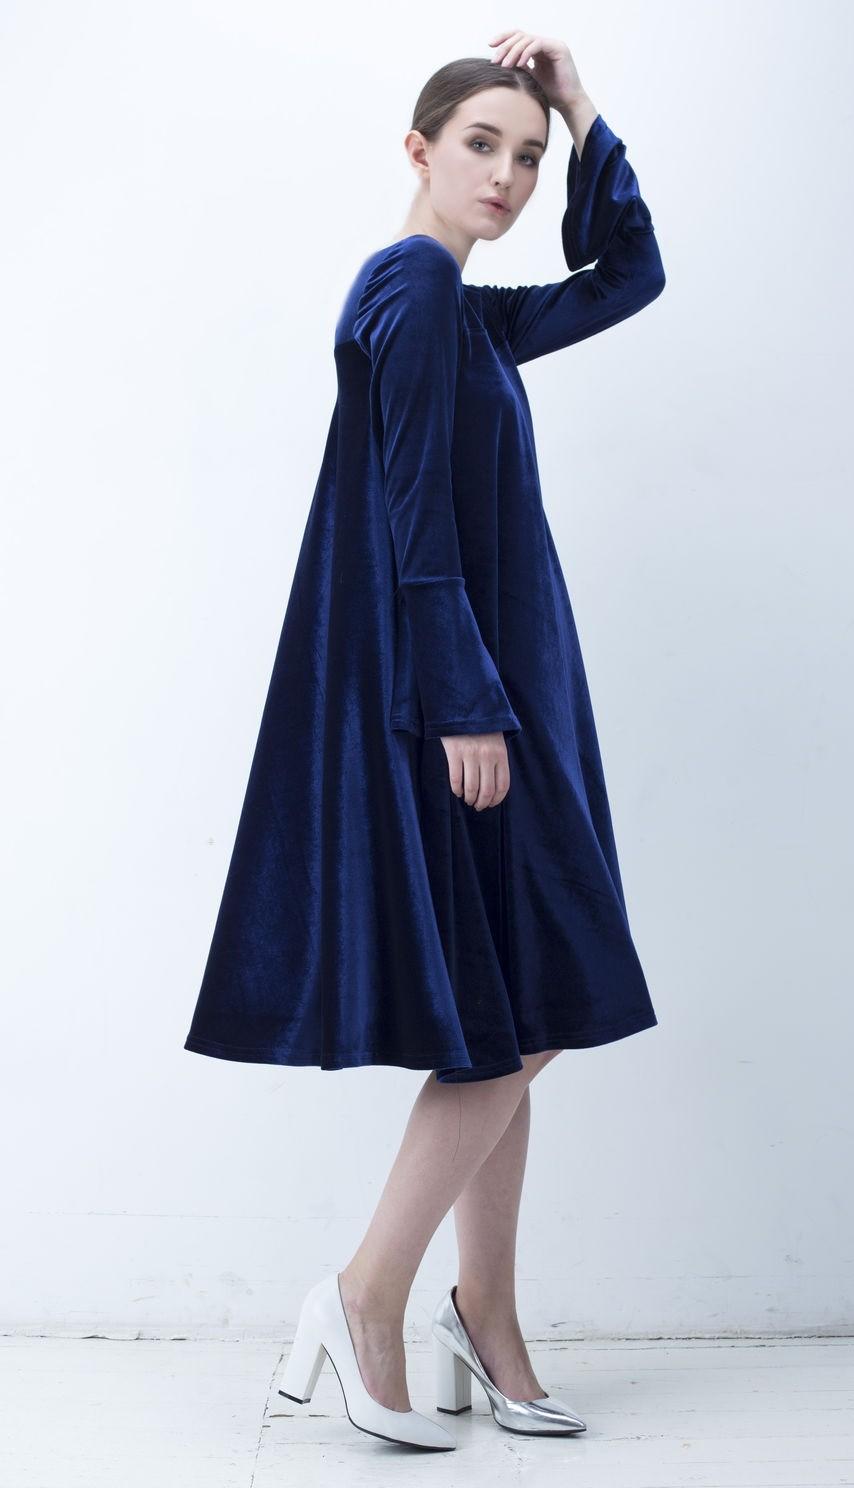 вечернее платье на новый год 2019: синее бархатное